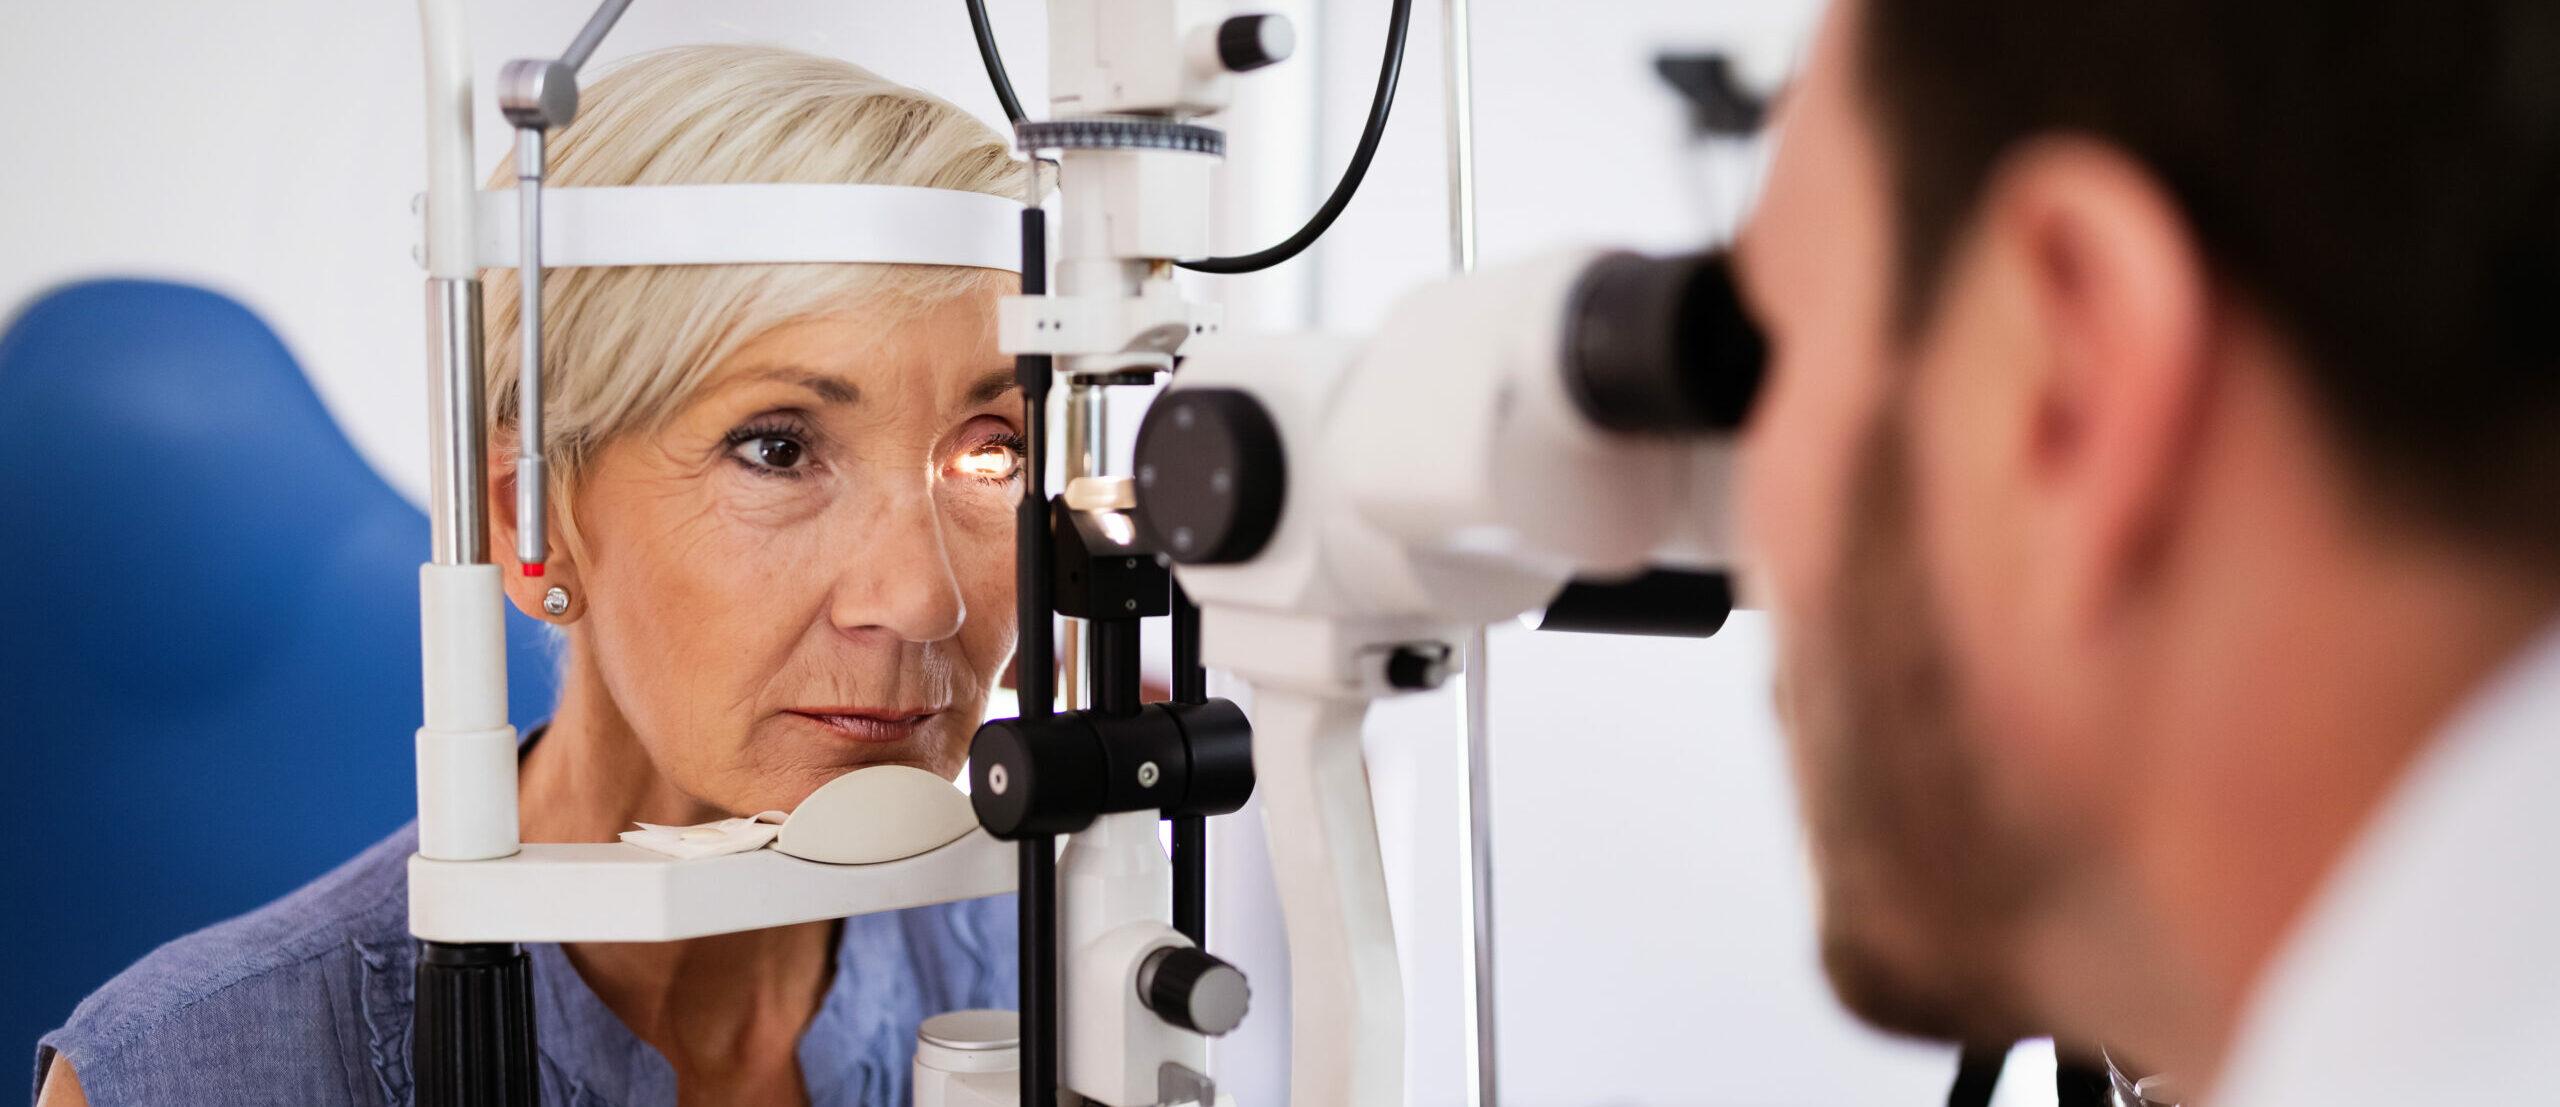 GlaukoLIND Glaukom Grüner Star Grauer Star Blindheit Sehkraft Kurzsichtigkeit immunsystem, immun, immunstärkend, Abwehrkräfte, Grippe, grippaler Infekt, Virus, viraler Infekt, infekt, krank, gesund, Vitamine, Mineralstoffe, Pflanzenstoffe, Spurenelemente, Nahrungsergänzung, Nahrungsergänzungsmittel, Ernährung, gesunde Ernährung